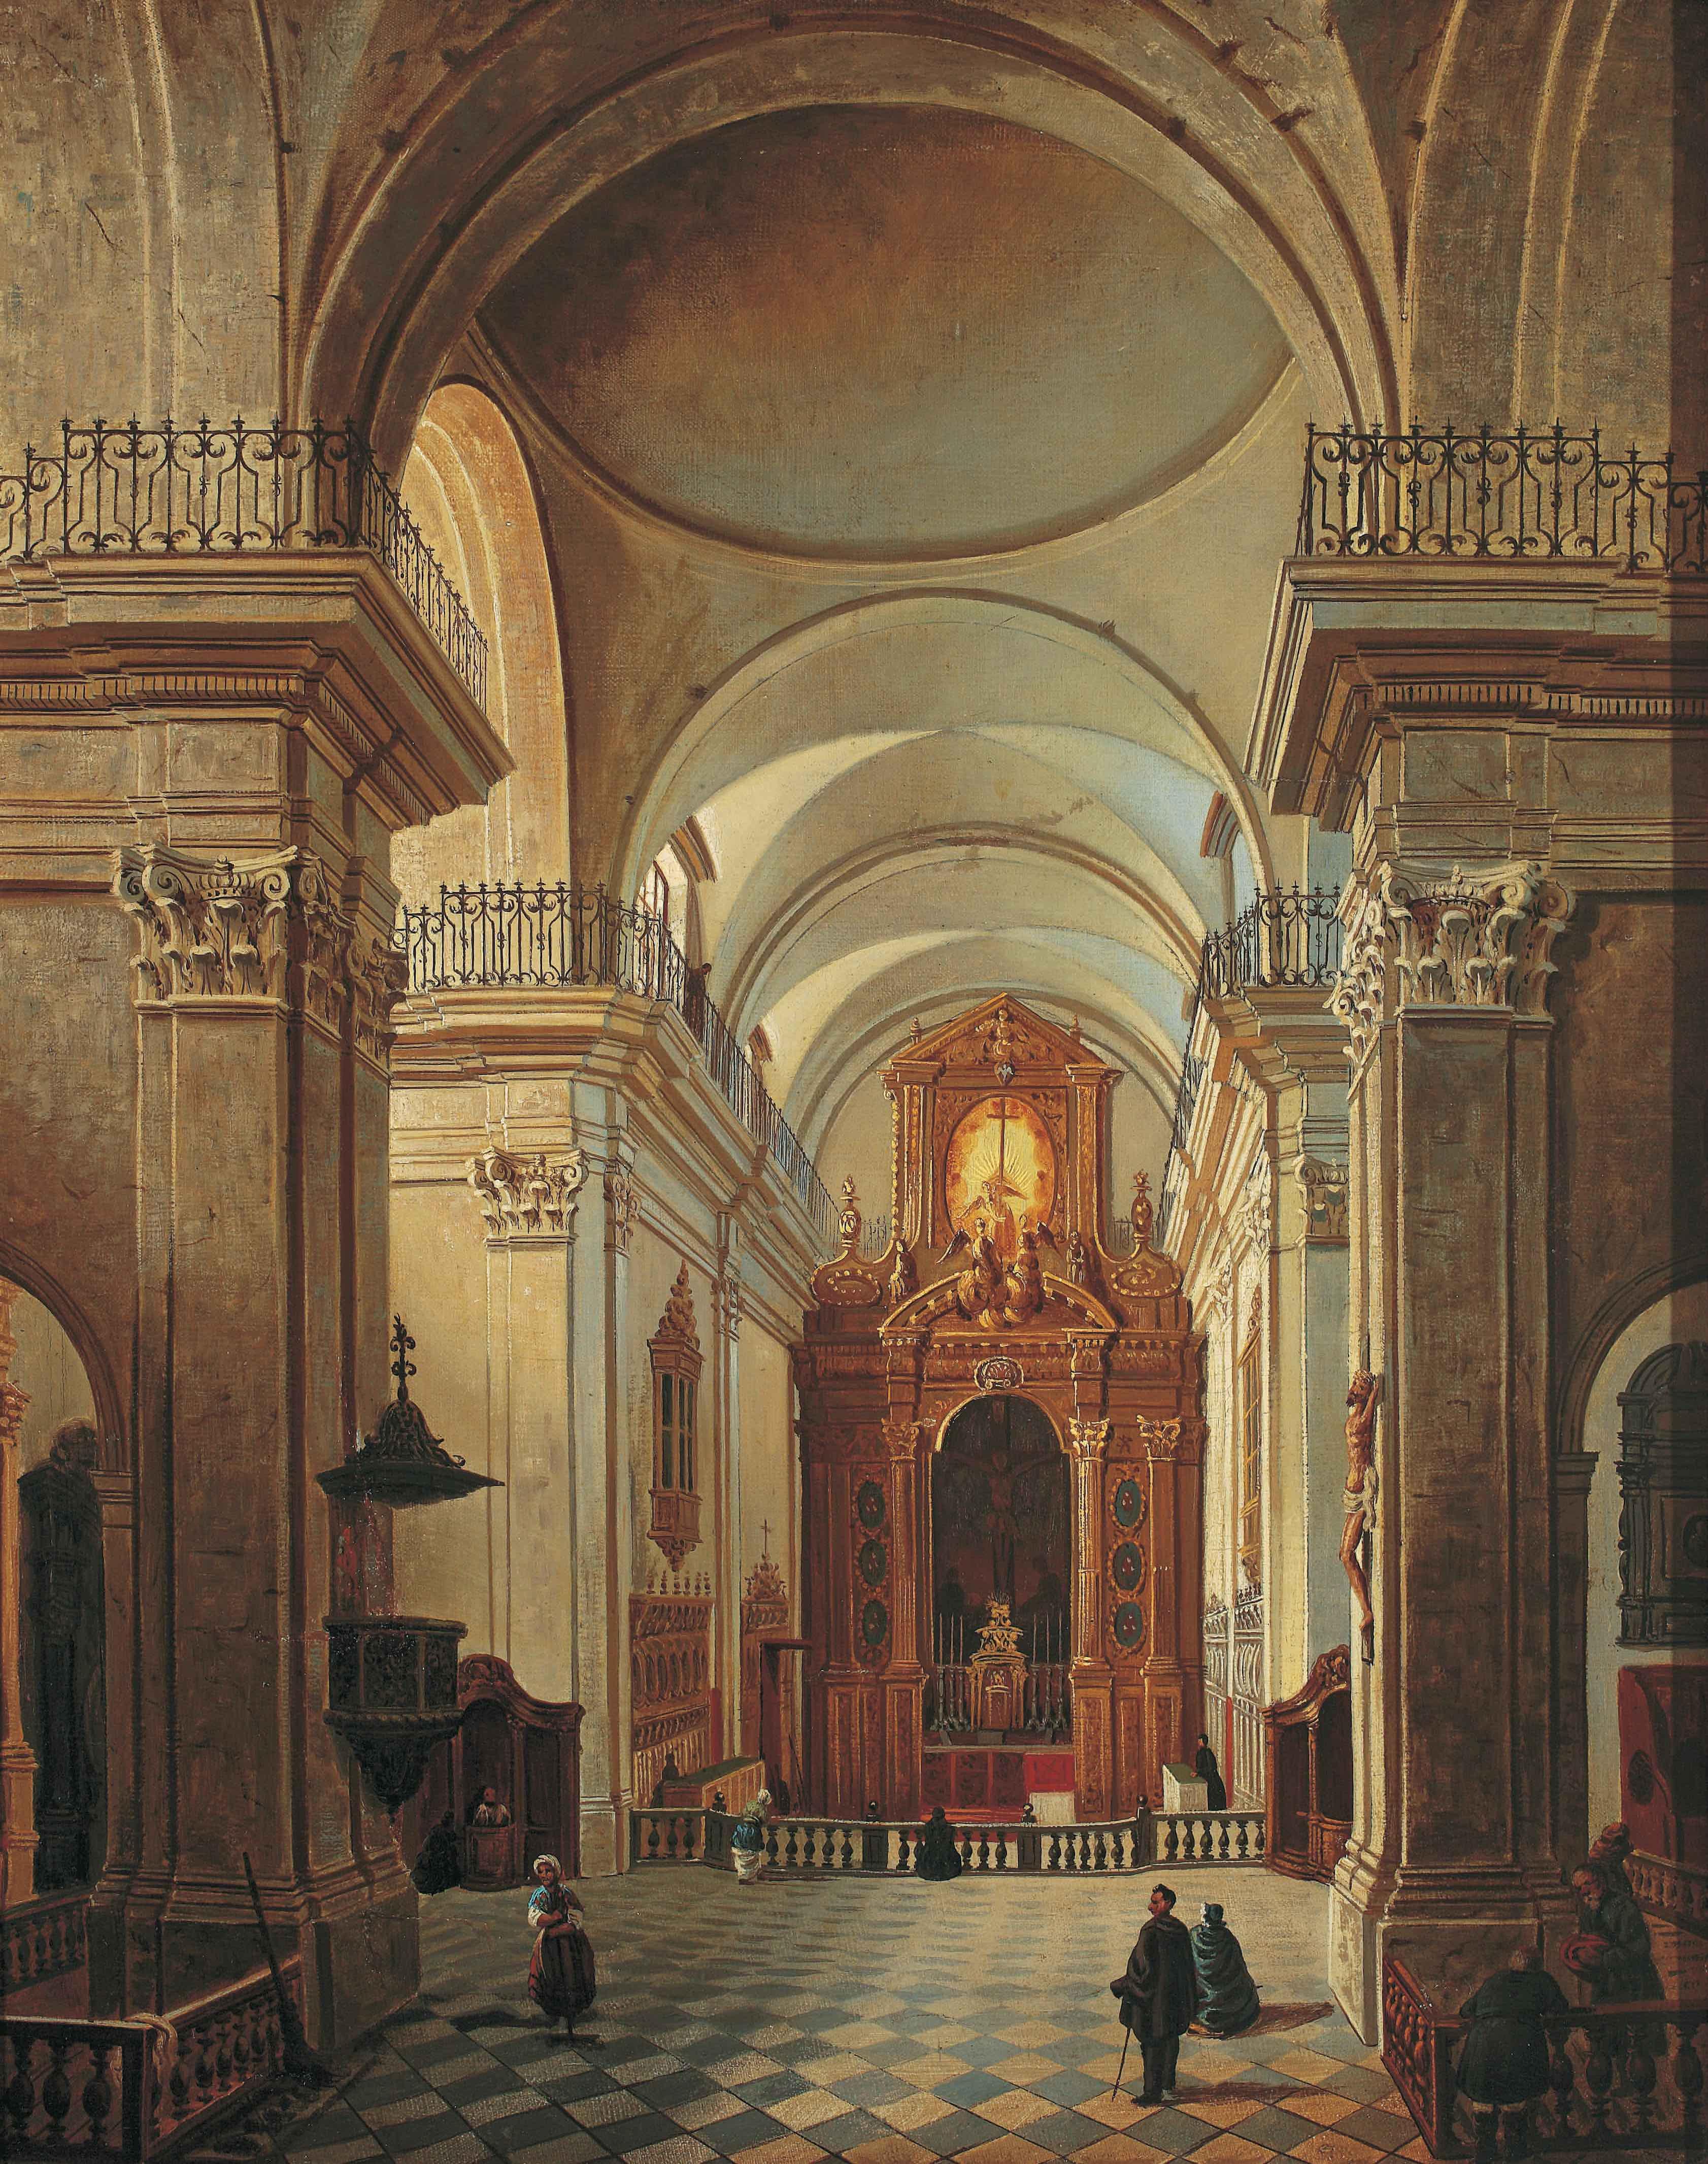 ザレスキ《ワルシャワ、聖十字架教会の祭壇》19世紀中ごろ ワルシャワ国立博物館